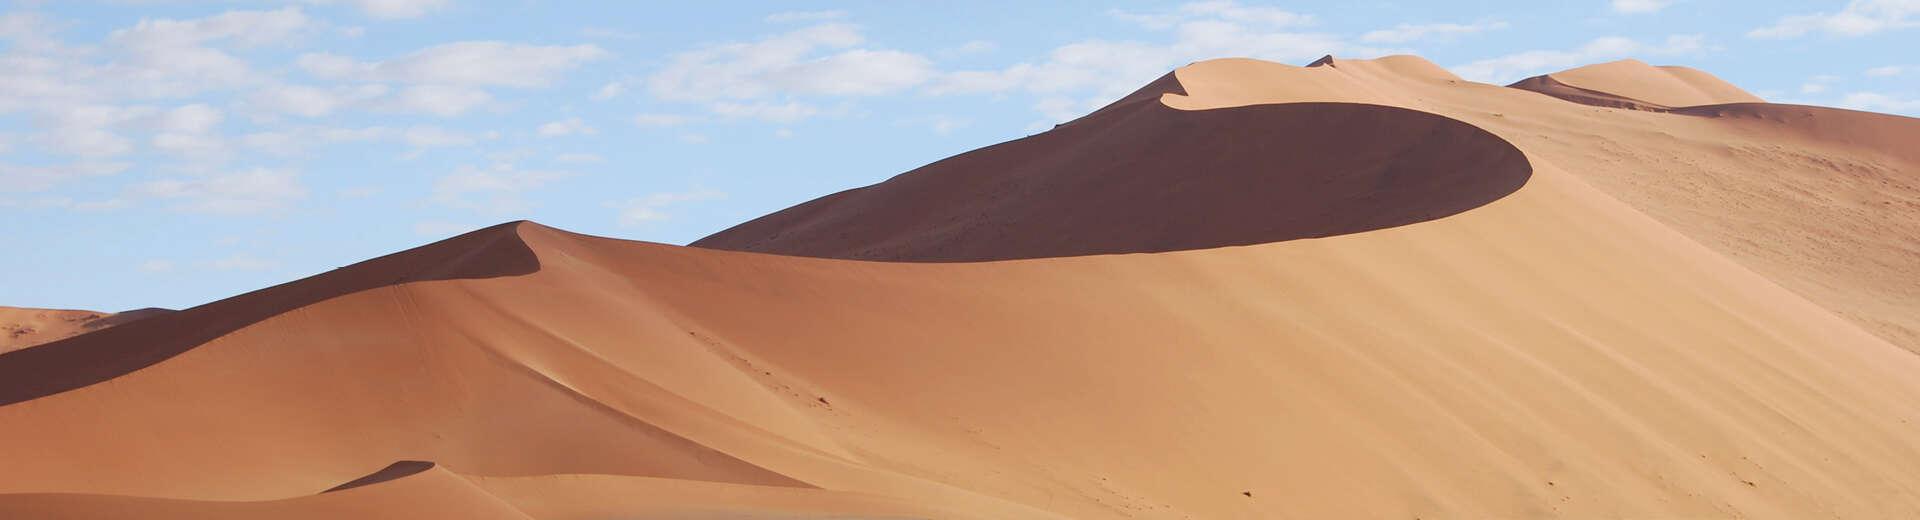 namibia sand dunes